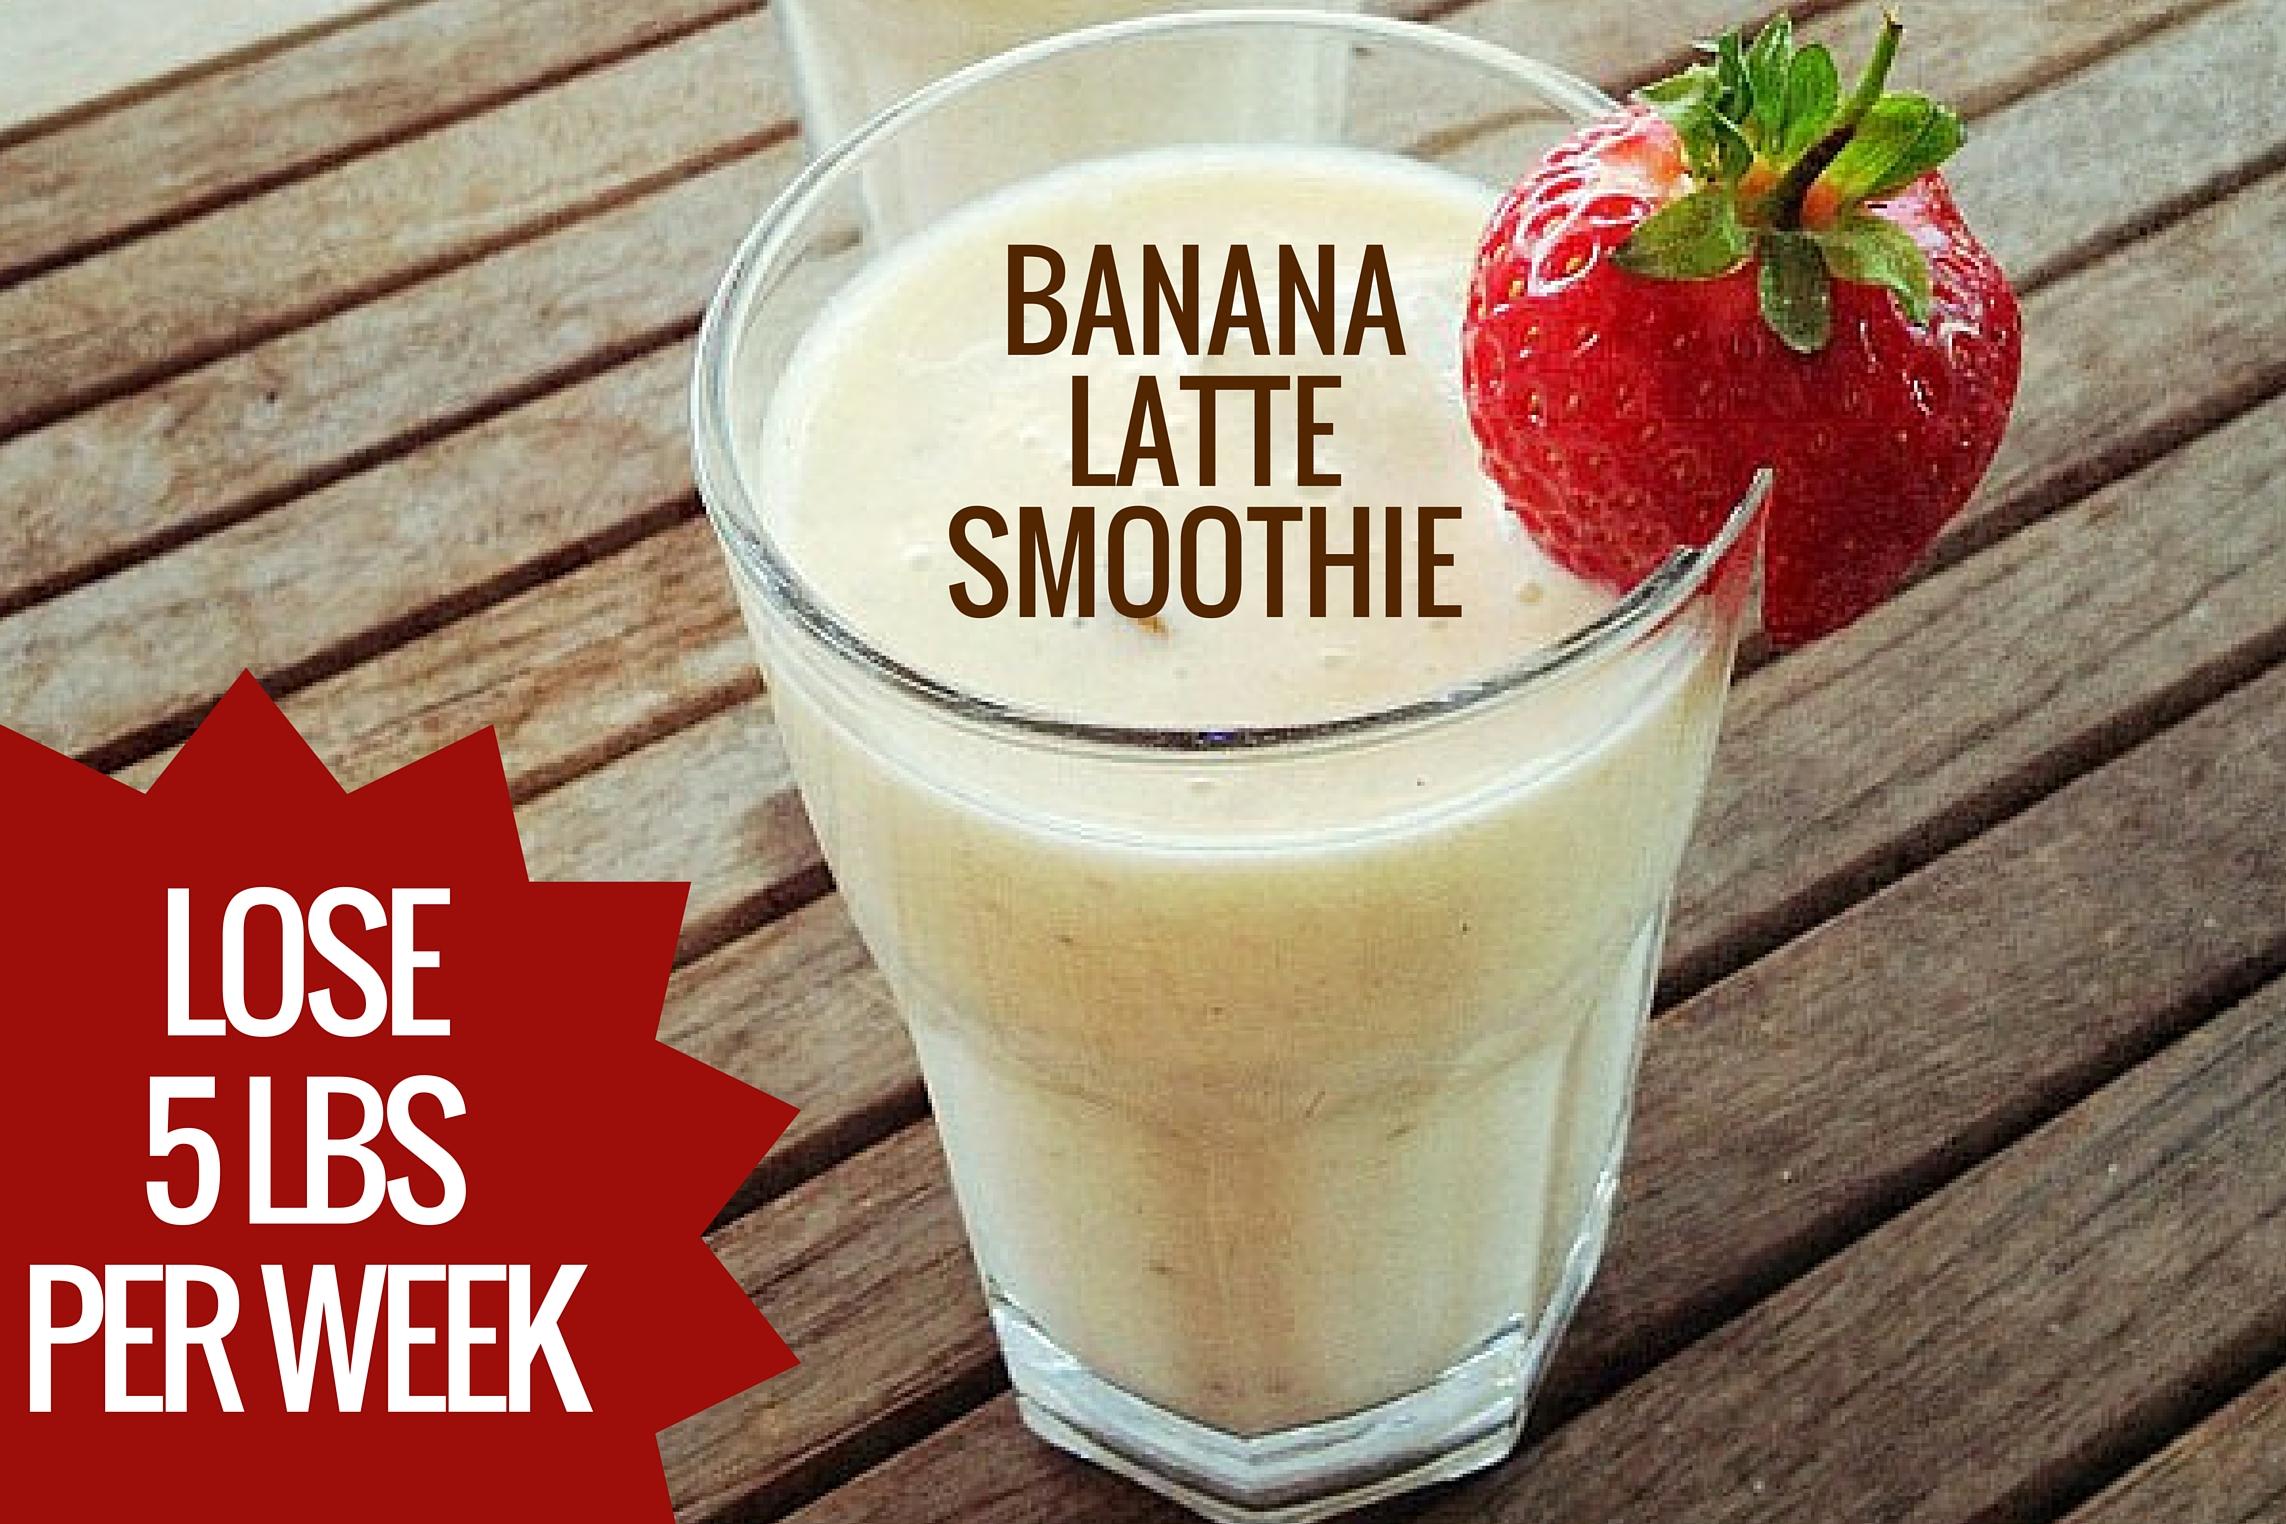 Banana Latte Smoothie Lose 5 Lbs In 1 Week